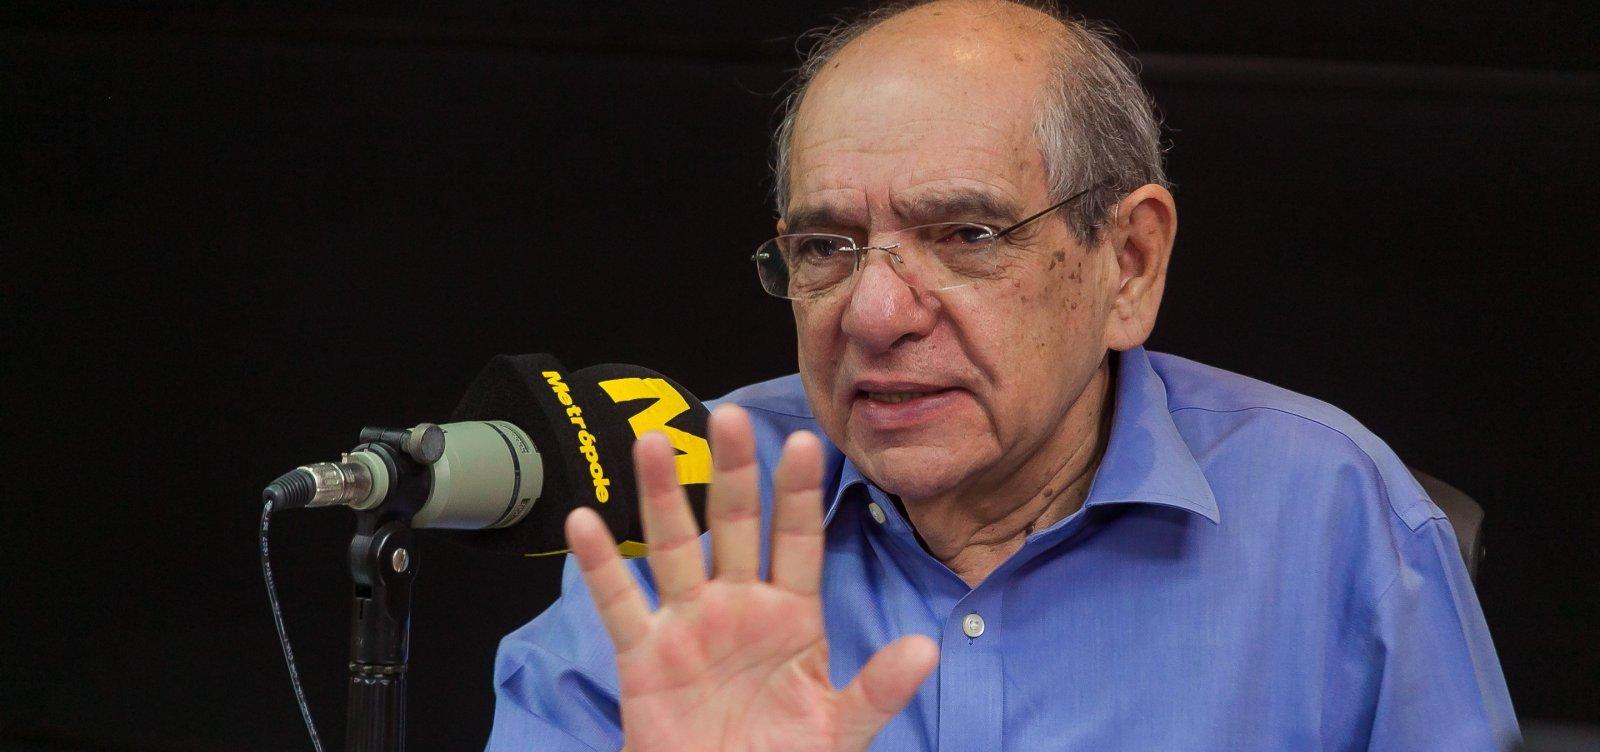 Após embate do PSL baiano com Bolsonaro, MK questiona: 'A que nível estamos chegando?'; ouça